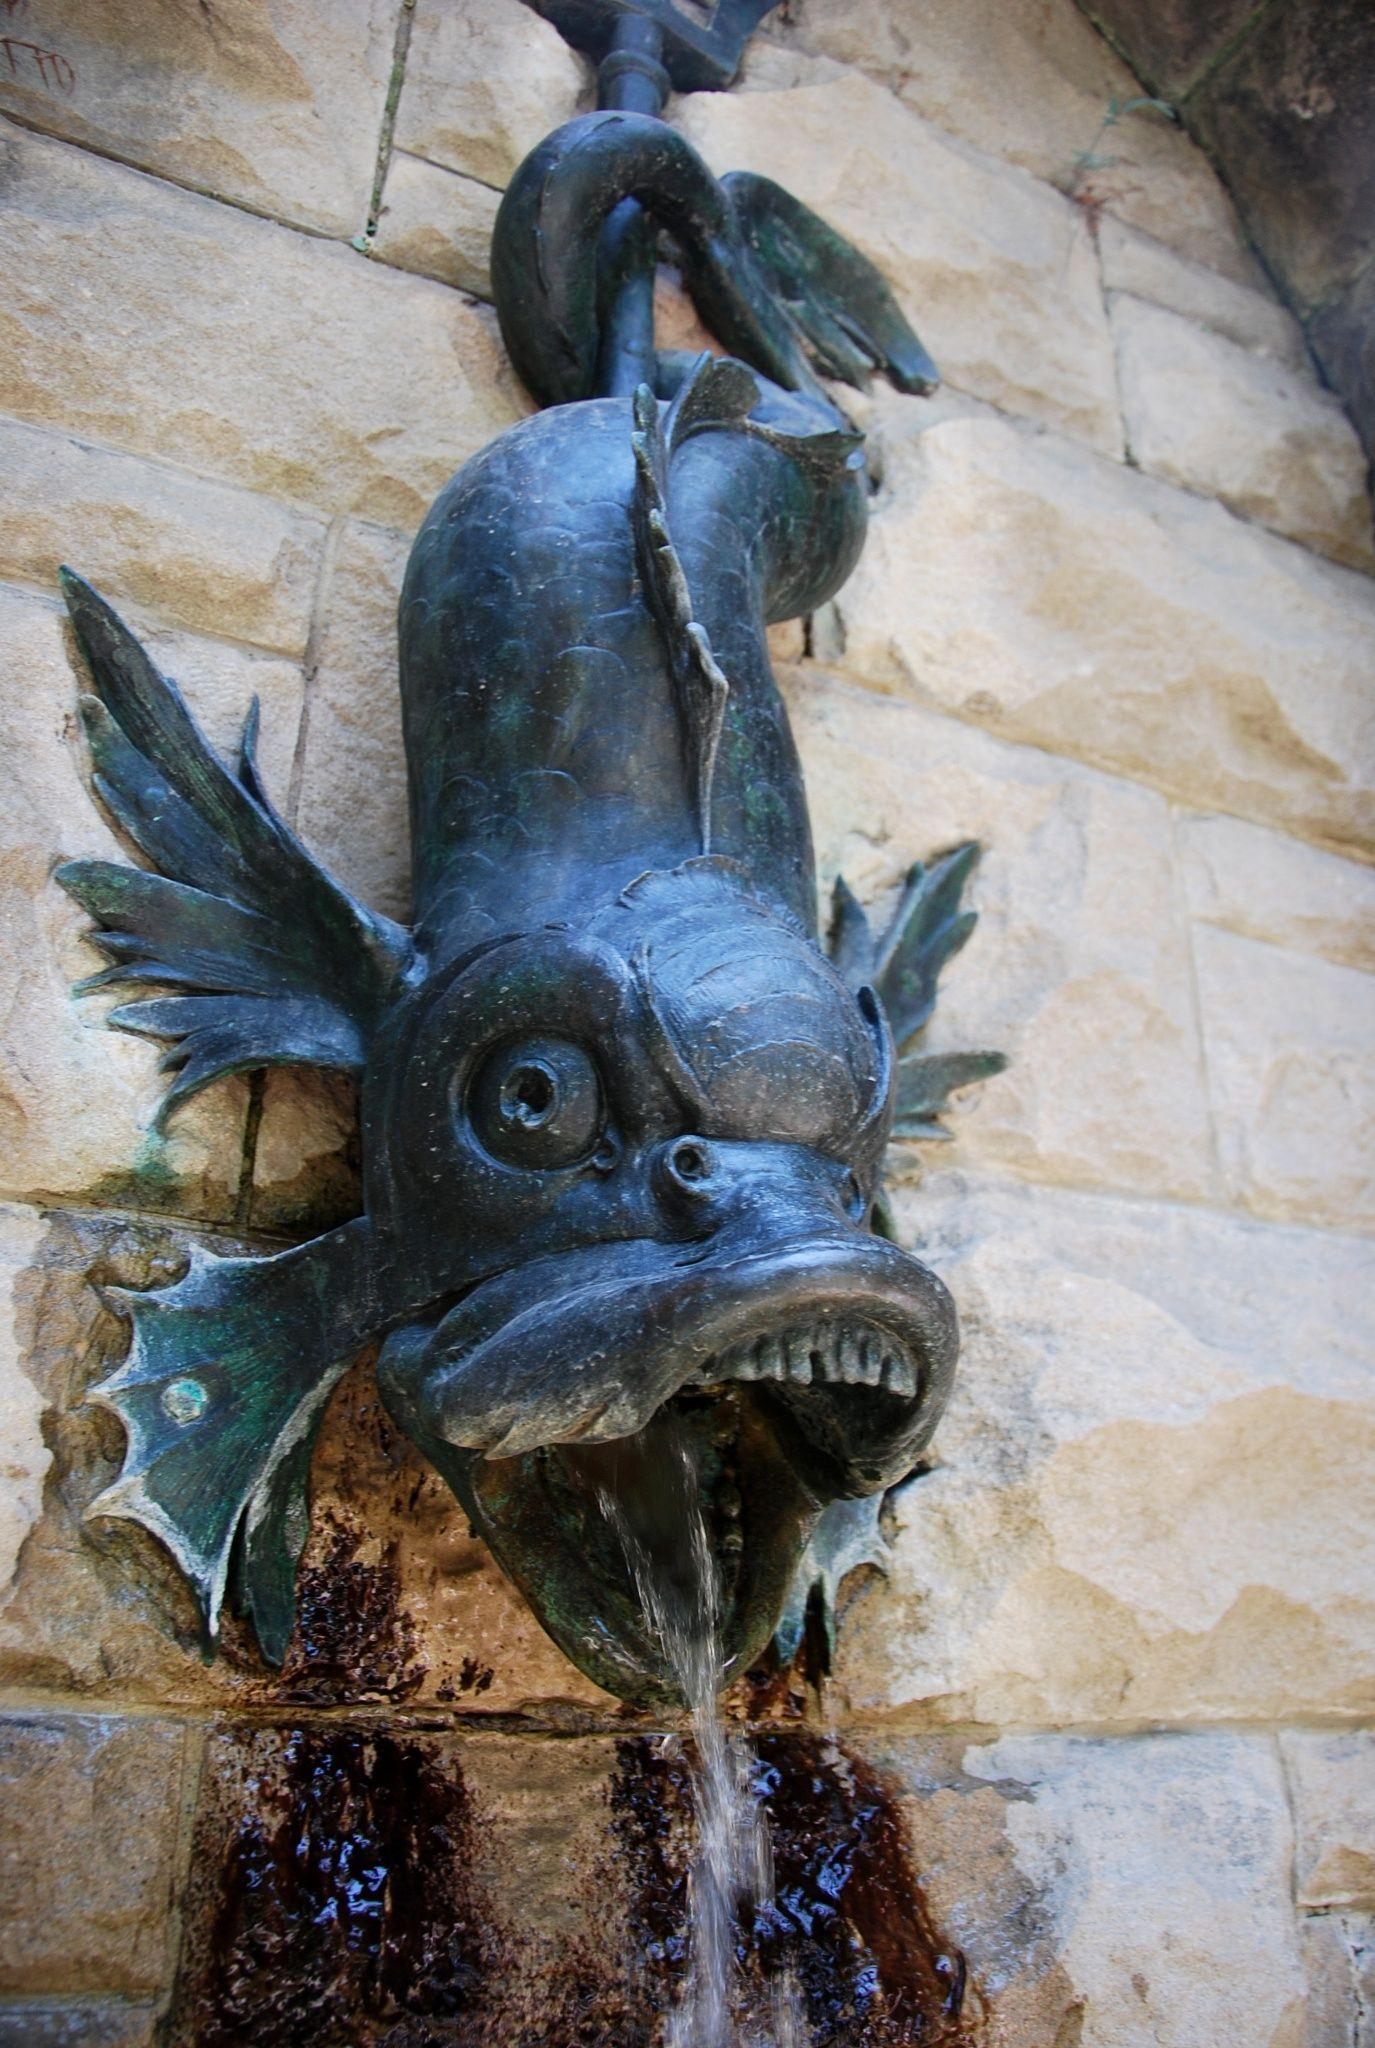 Gargoyle Fish Steve Retka - Eerie